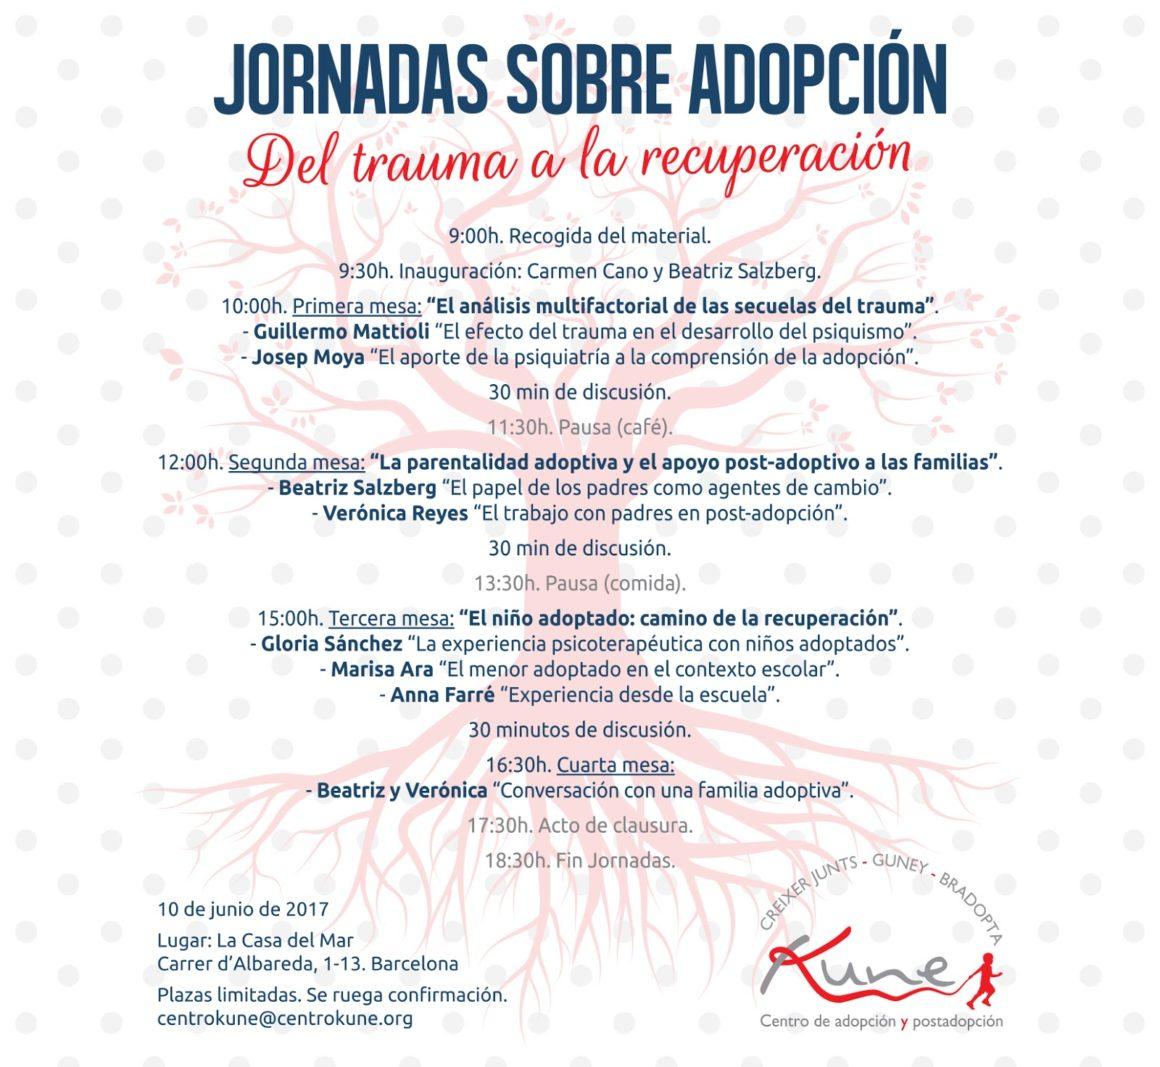 JORNADAS ADOPCIONES BARCELONA 10 DE JUNIO 2017